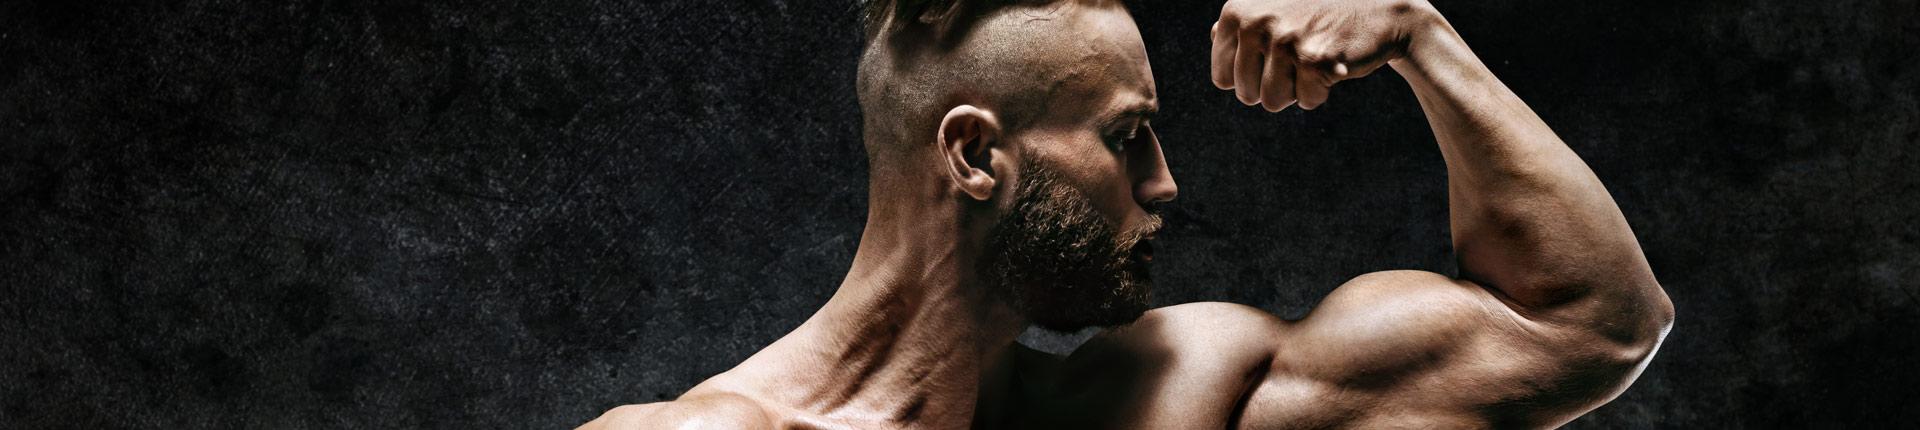 Stagnacja: Jak przełamać zastój, czym zaskoczyć mięśnie?